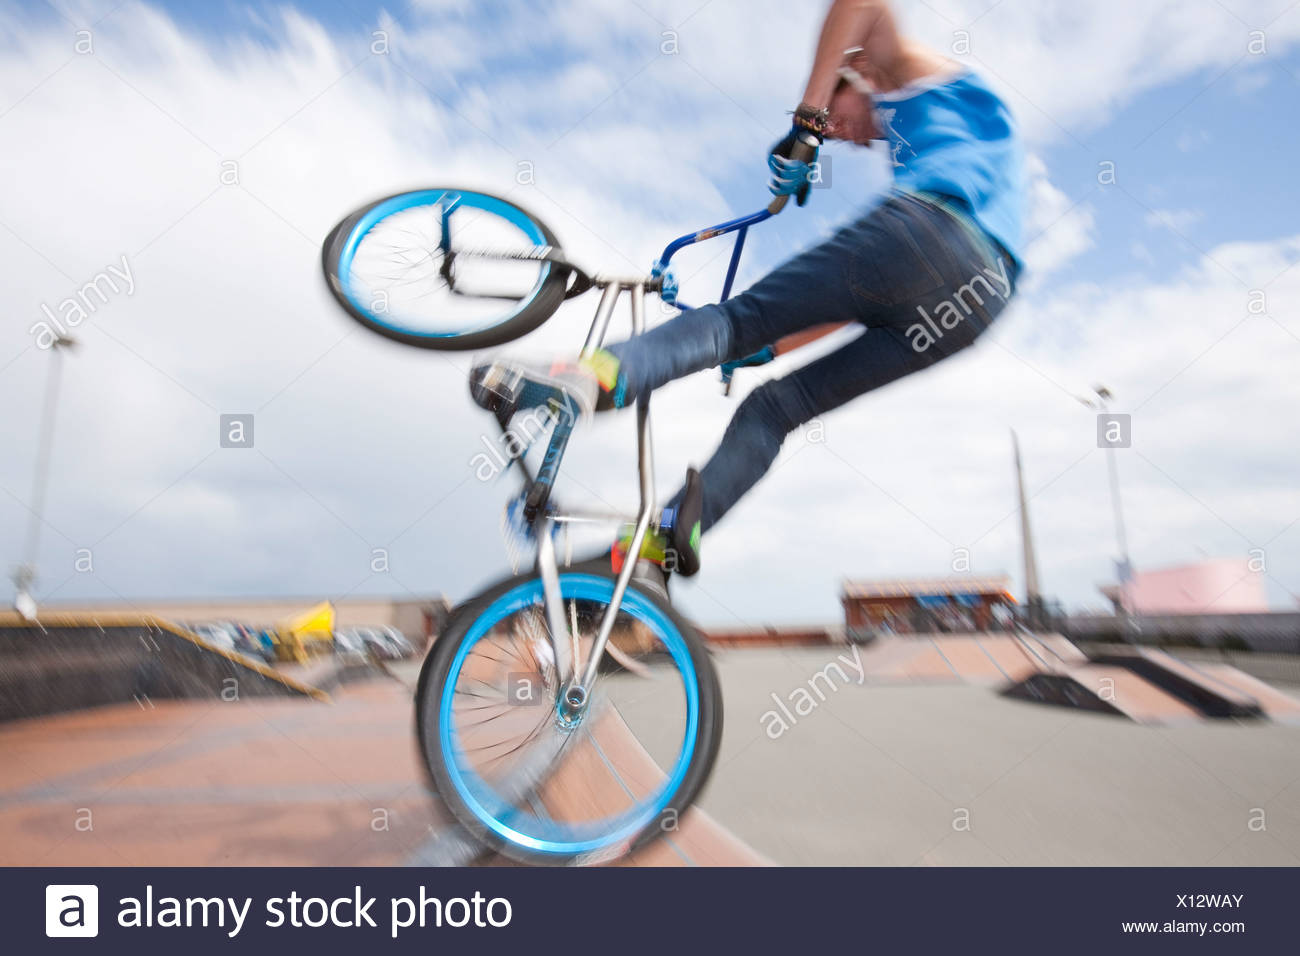 Ragazzi Adolescenti Eseguire Acrobazie Aeree Su Bmx Biciclette